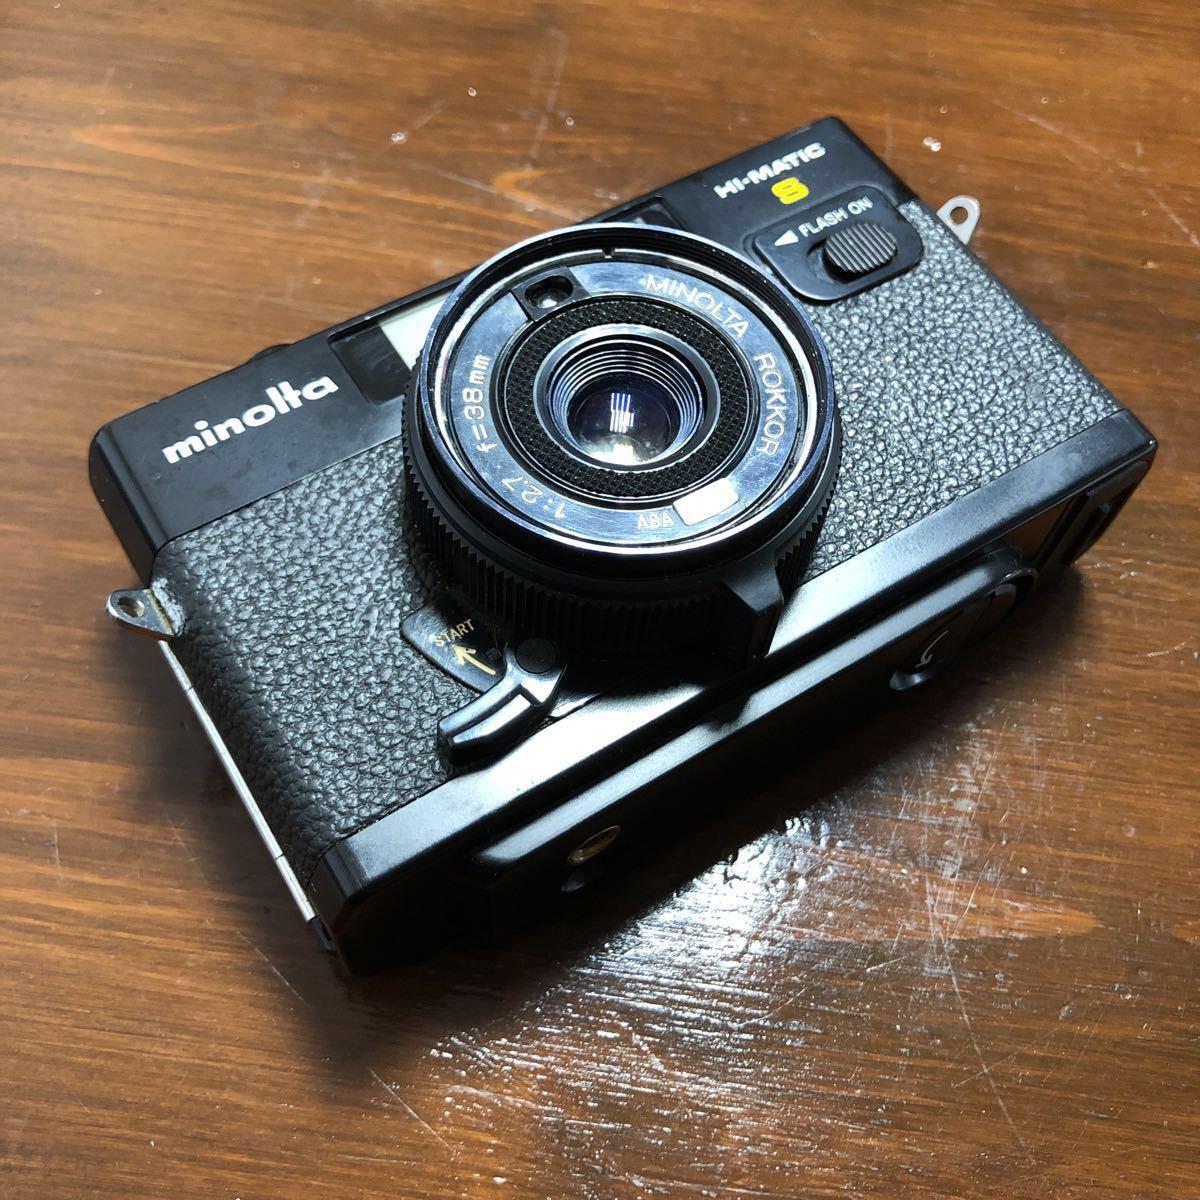 レトロ Minolta ミノルタ HI-MATIC F ブラック 黒 ROKKOR 1:2.7 f=38mm フィルムカメラ 現状品_画像2